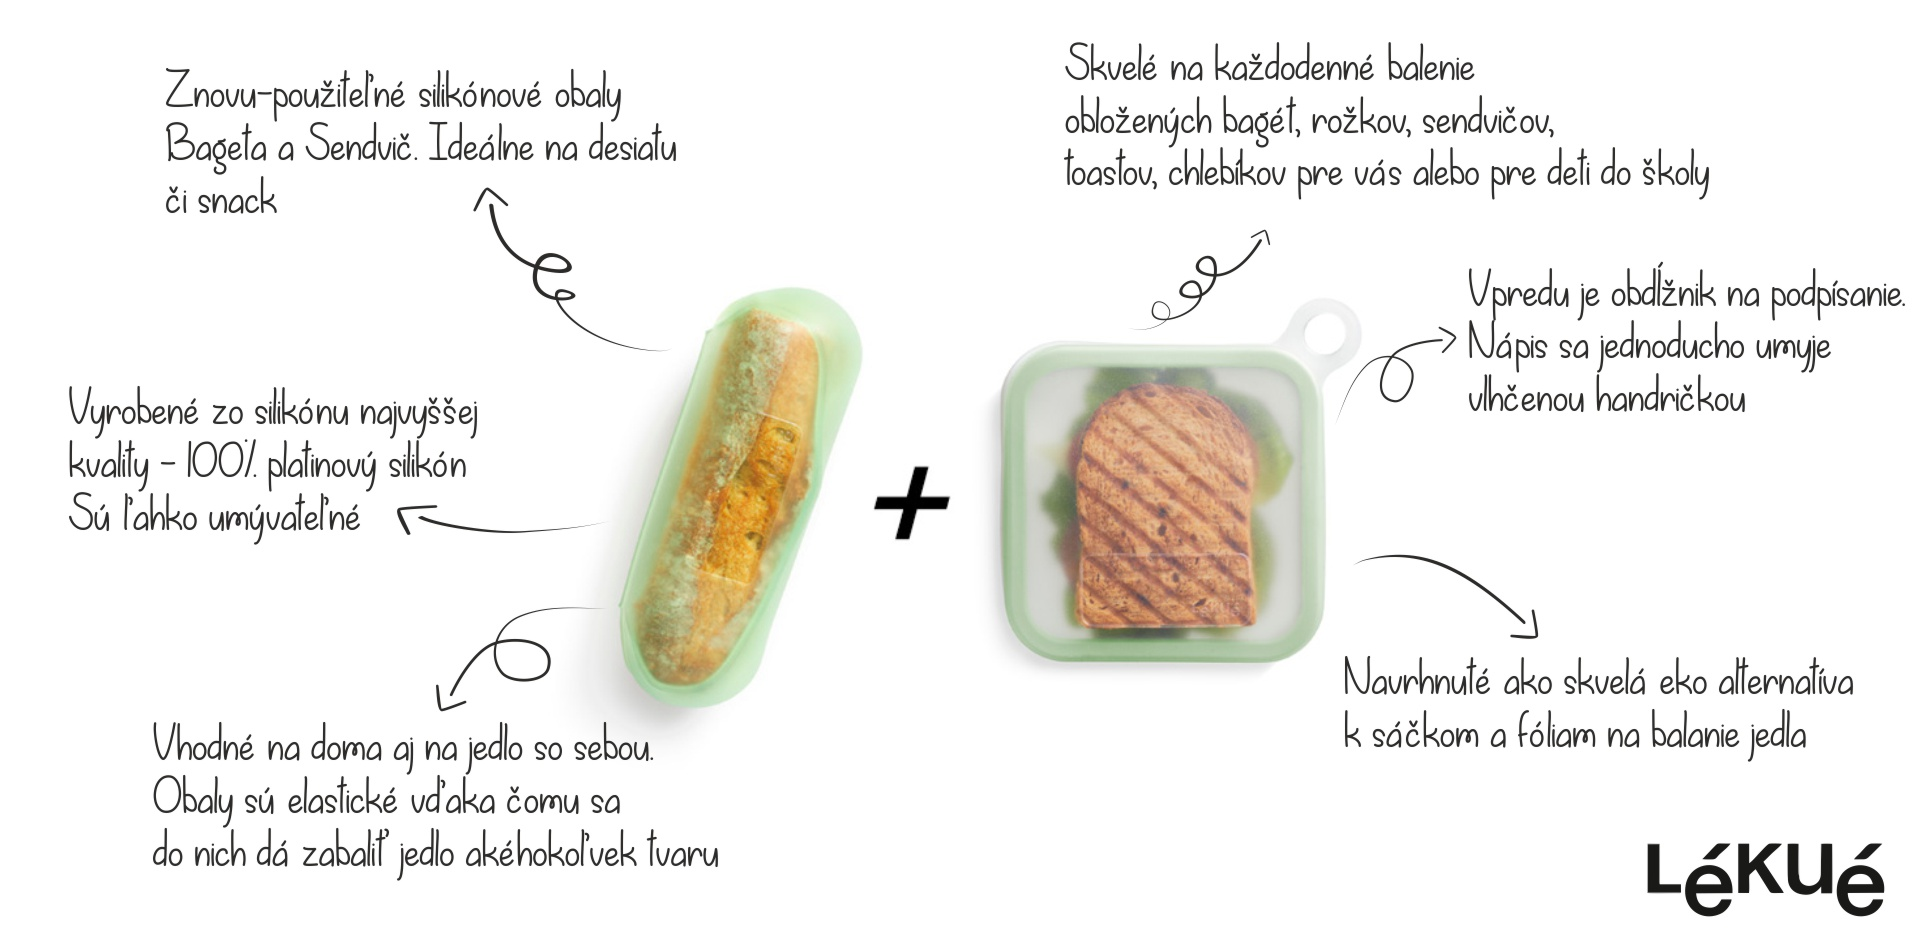 obal-bageta-sendvič